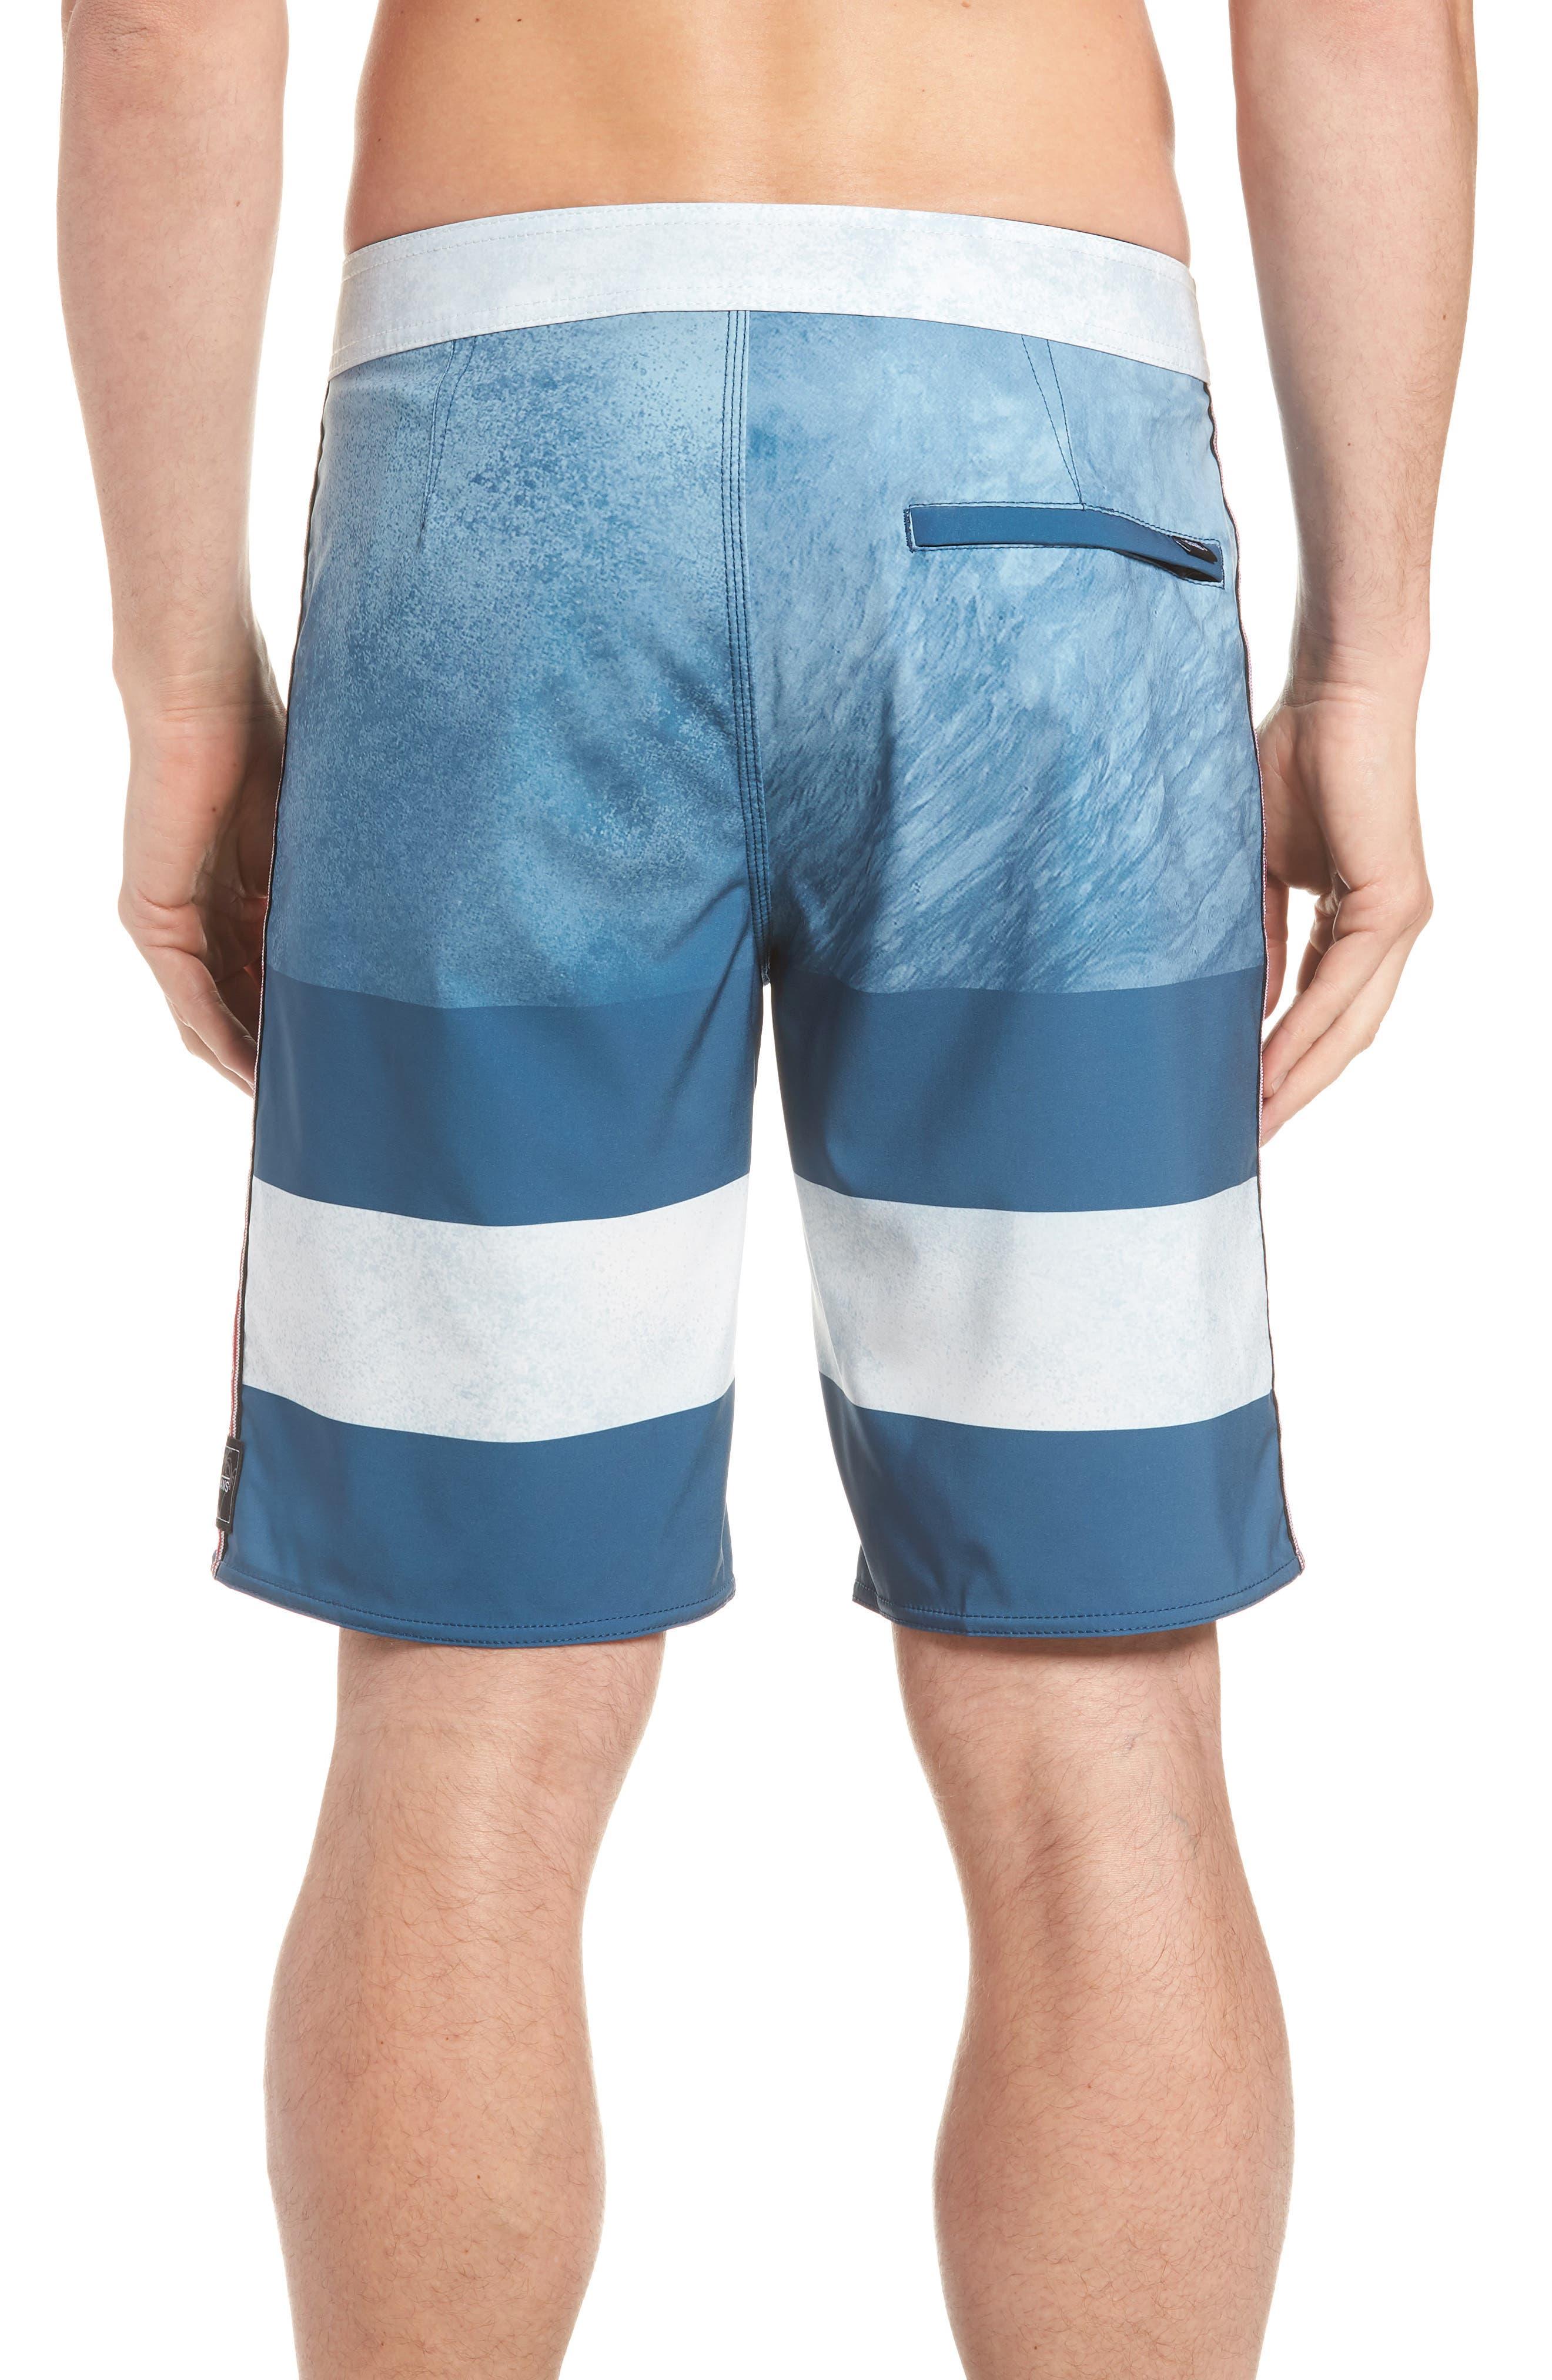 Era Board Shorts,                             Alternate thumbnail 2, color,                             Real Teal/ Nathan Florence